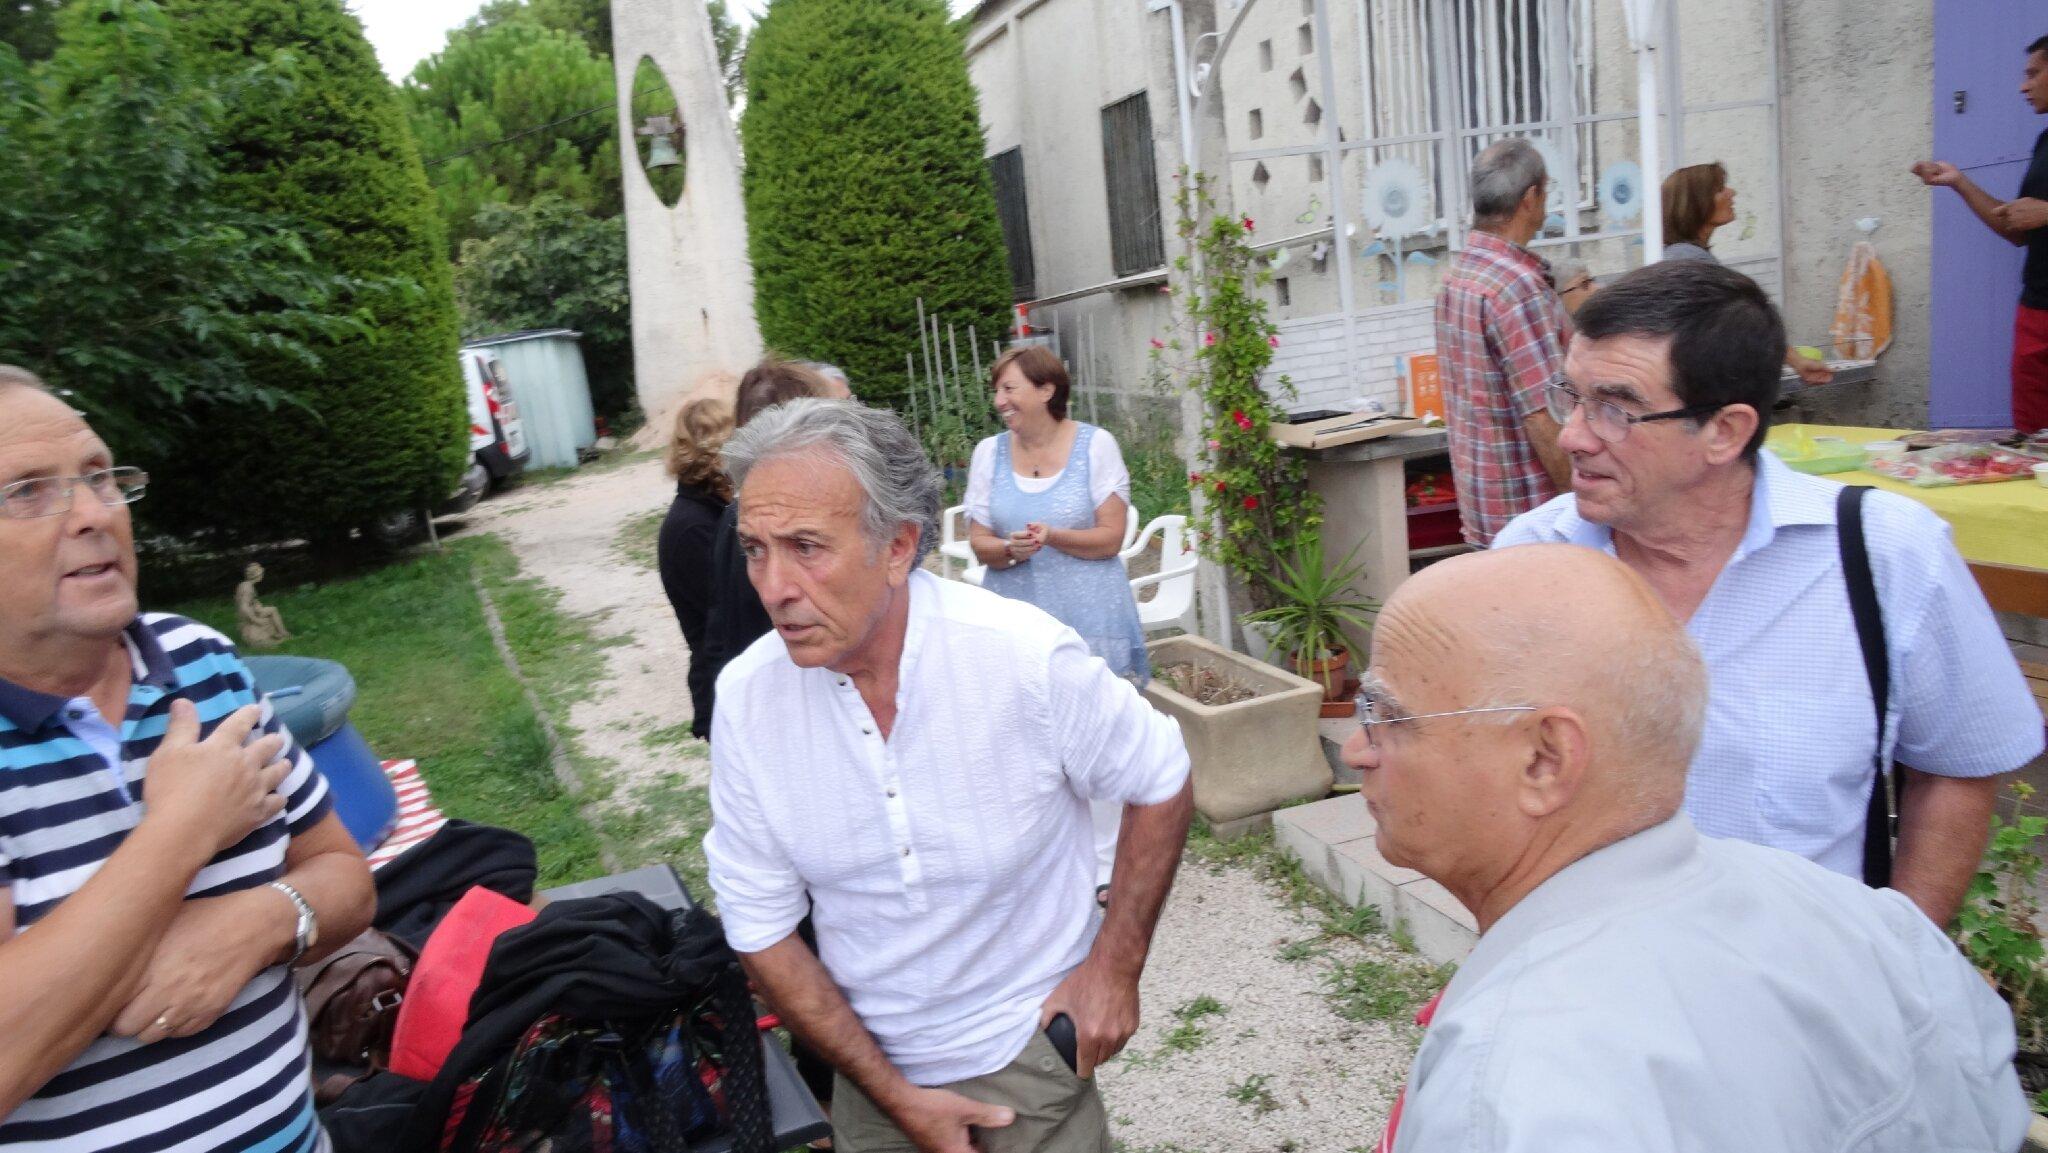 28-08-2014 Repas chez Martine et philipe 19